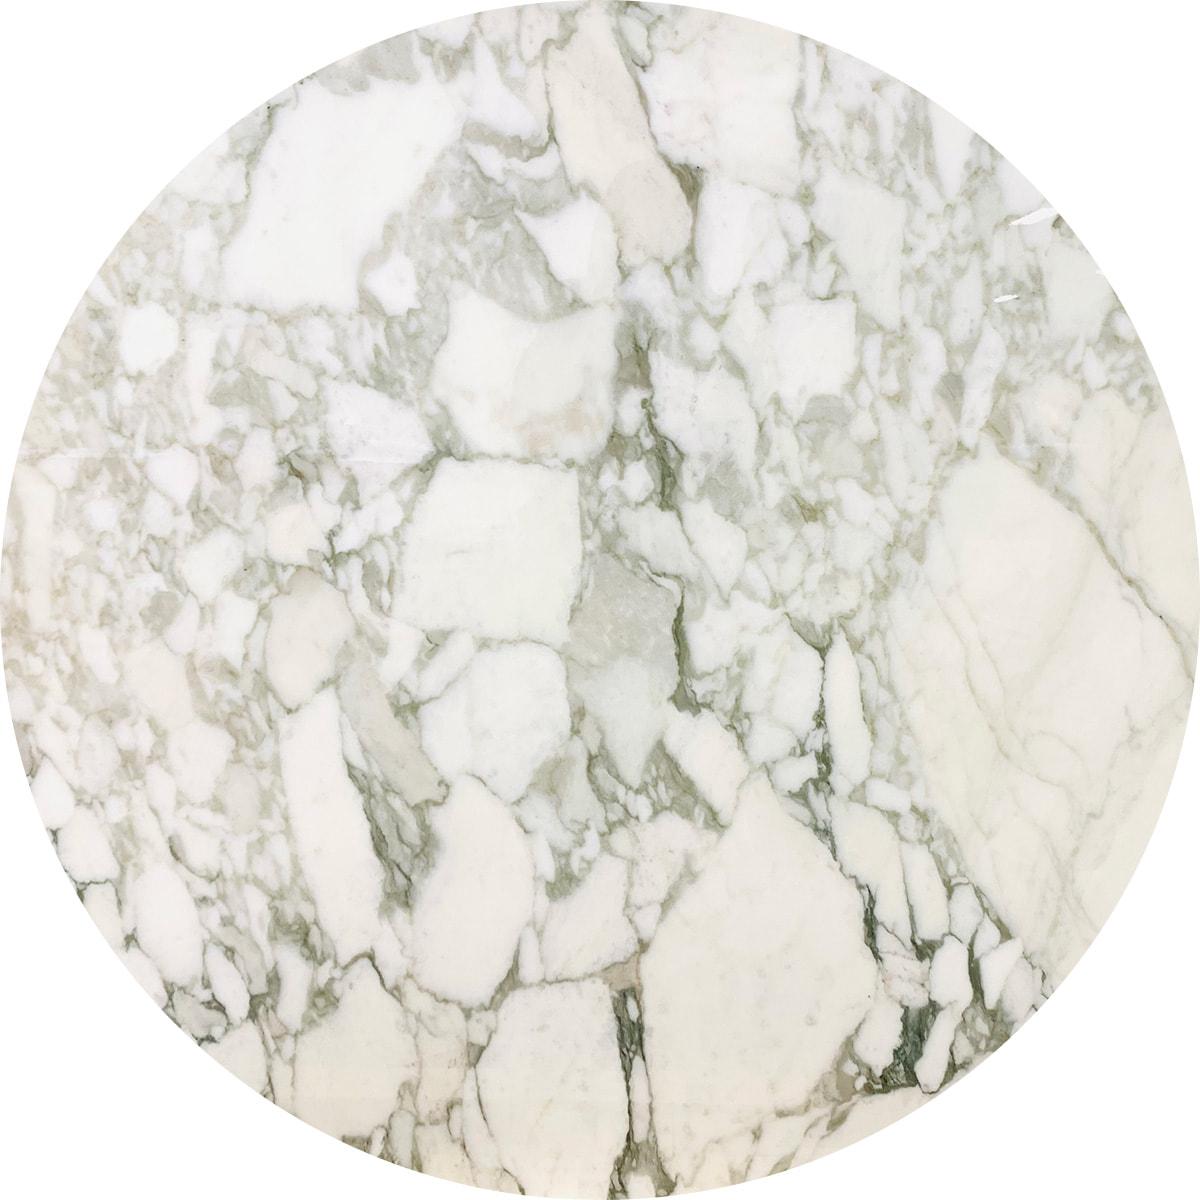 Saarinen Collection Round Tables(サーリネンテーブル) 1200mm アラベスカート 176TRMC2 (008)